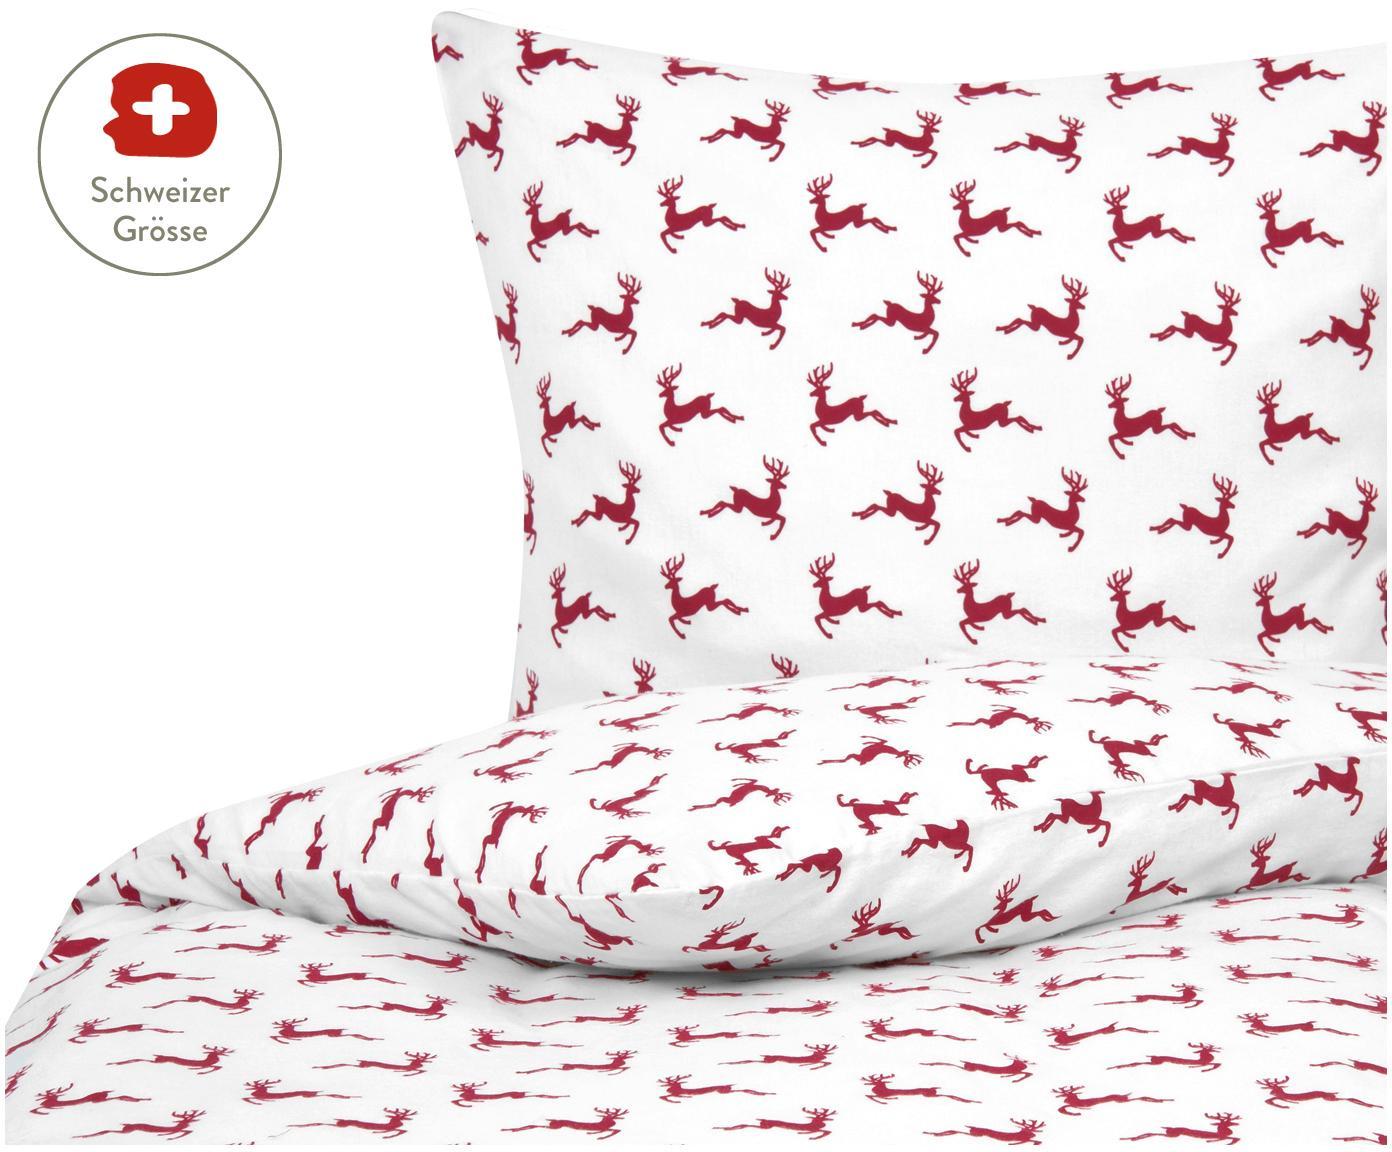 Flanell-Bettdeckenbezug Rudolph mit Rentieren, Webart: Flanell, Rot, Weiss, 160 x 210 cm